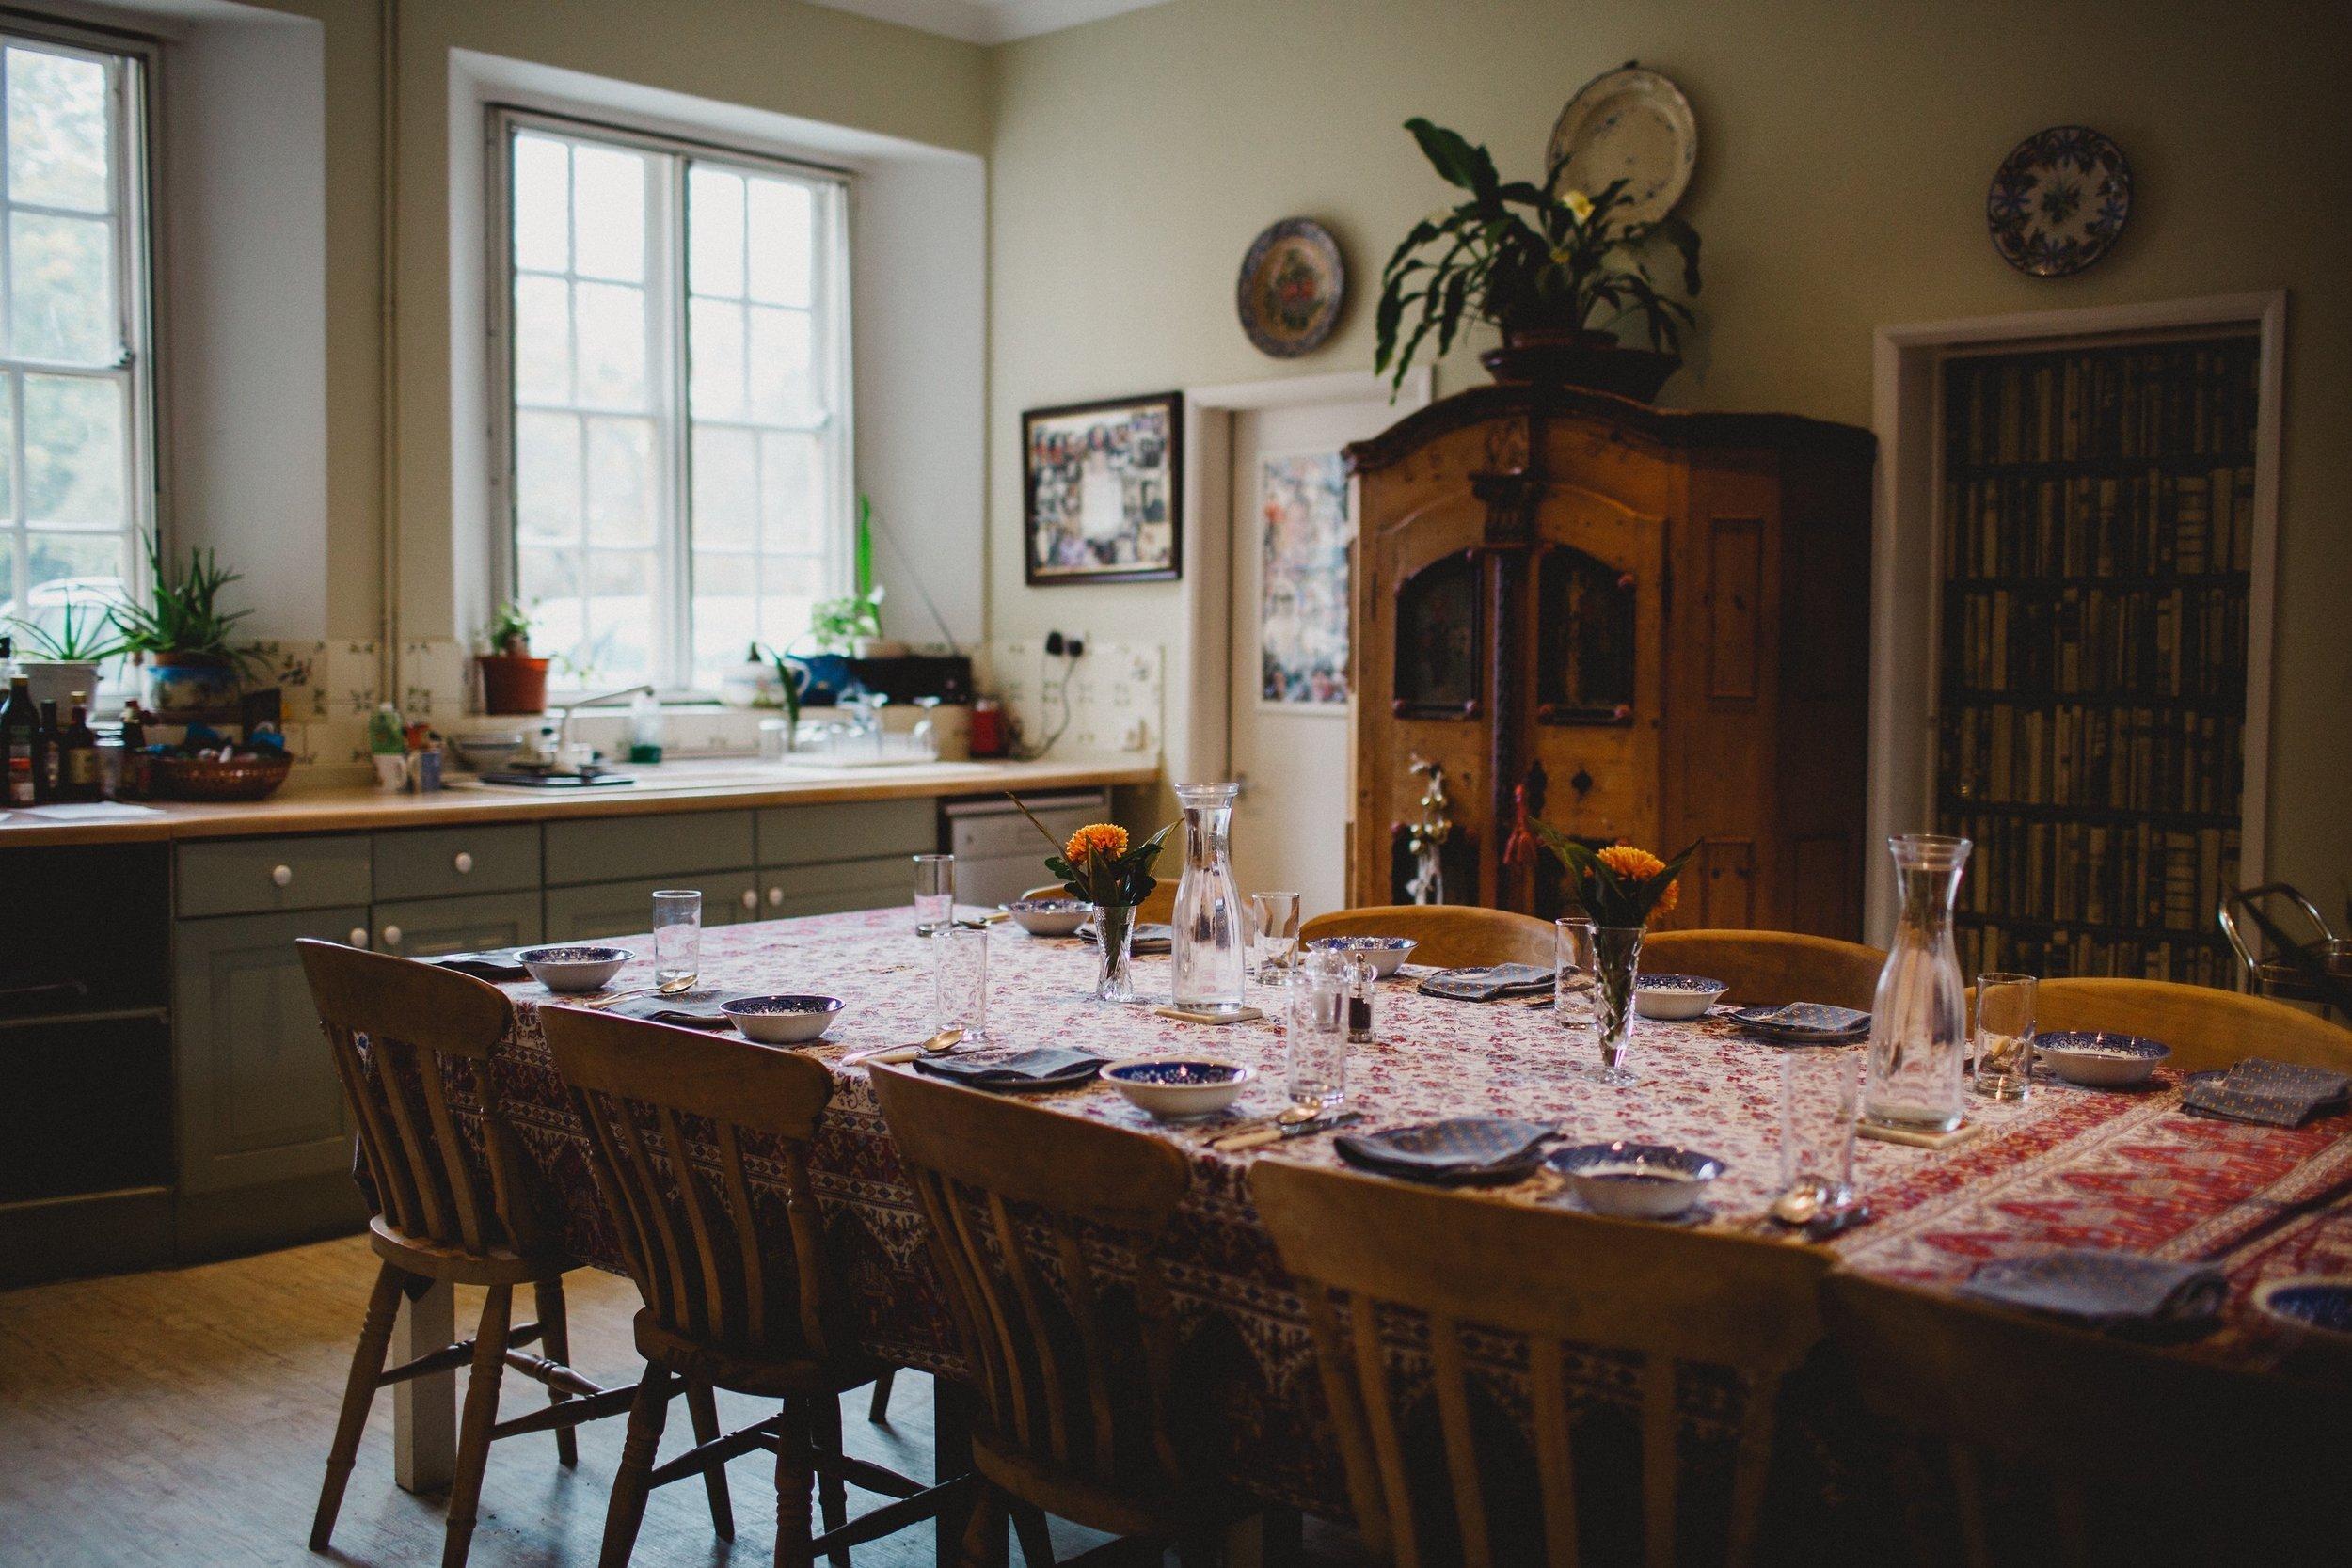 Poundon-House-Yoga-Retreat-kitchen_Eneka_Stewart.jpg